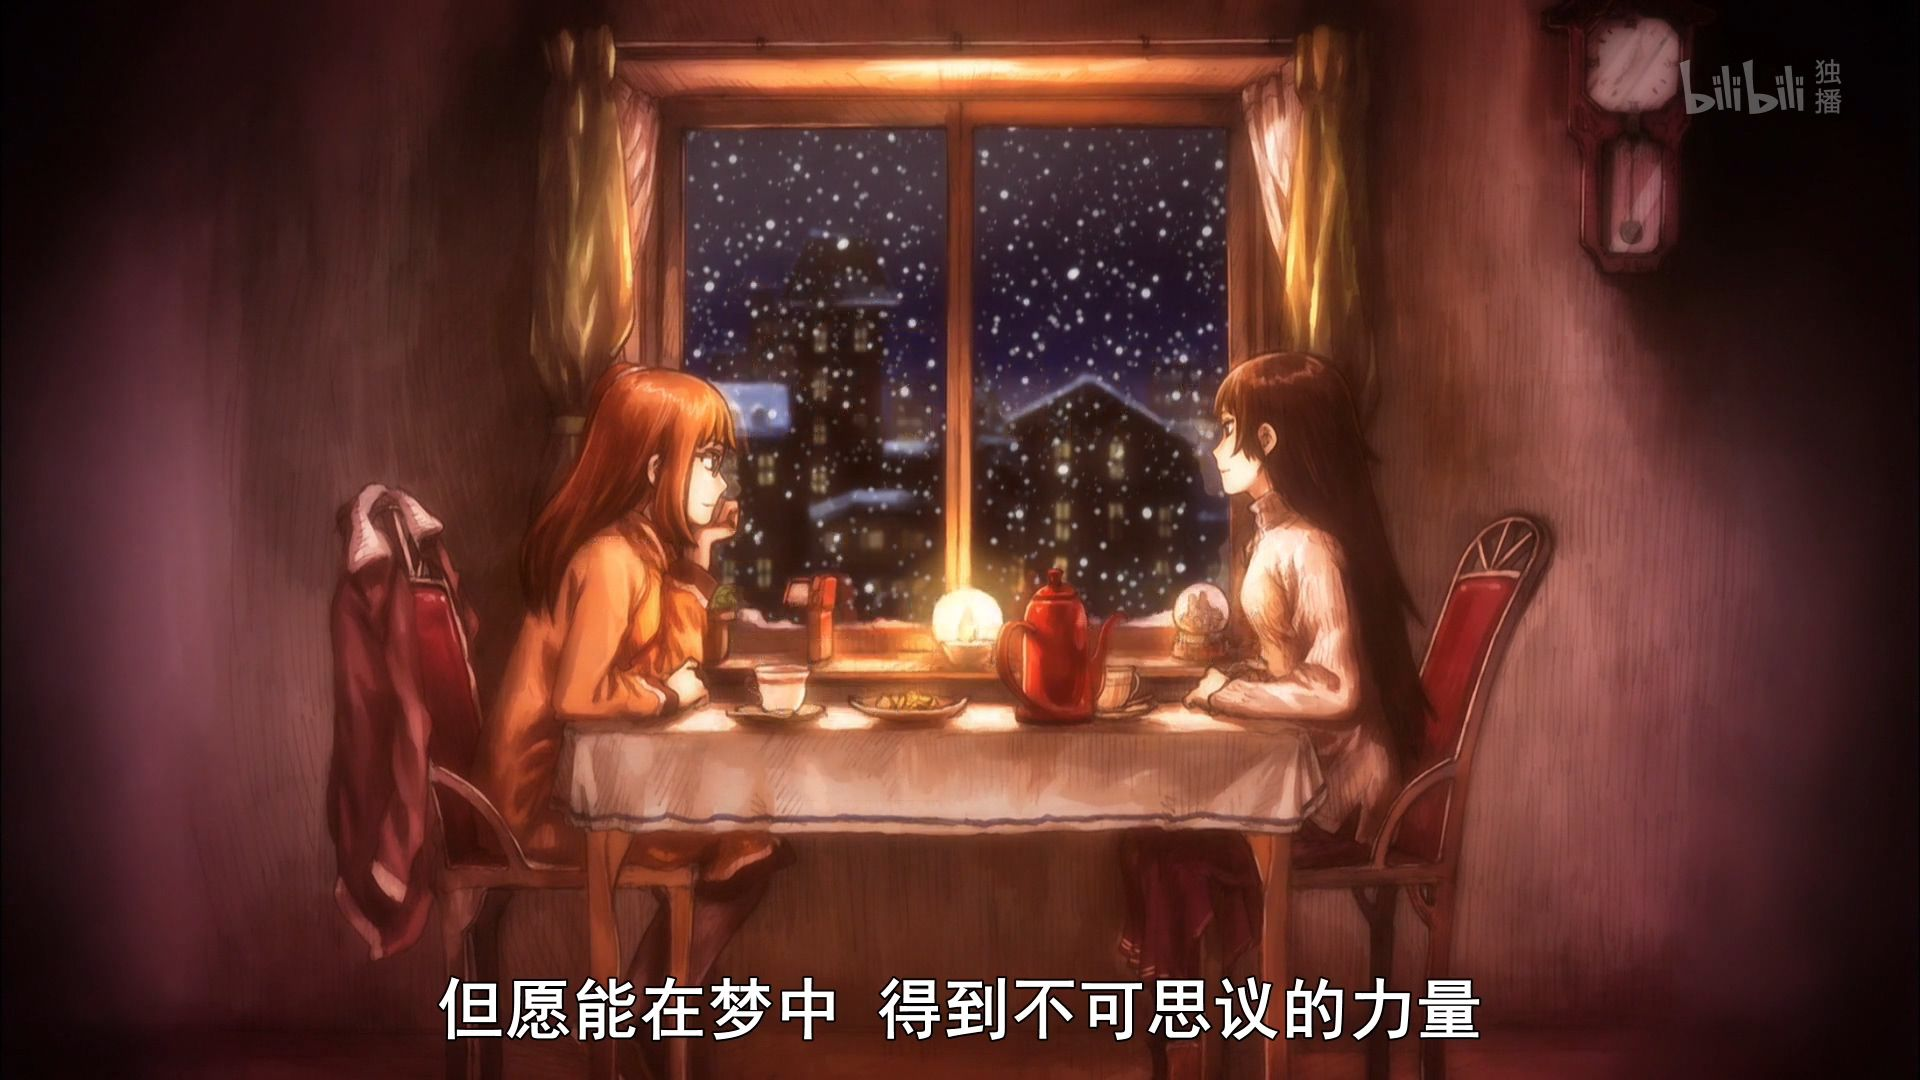 图5-2 ED 画面,安倍吉俊画的人物很好看